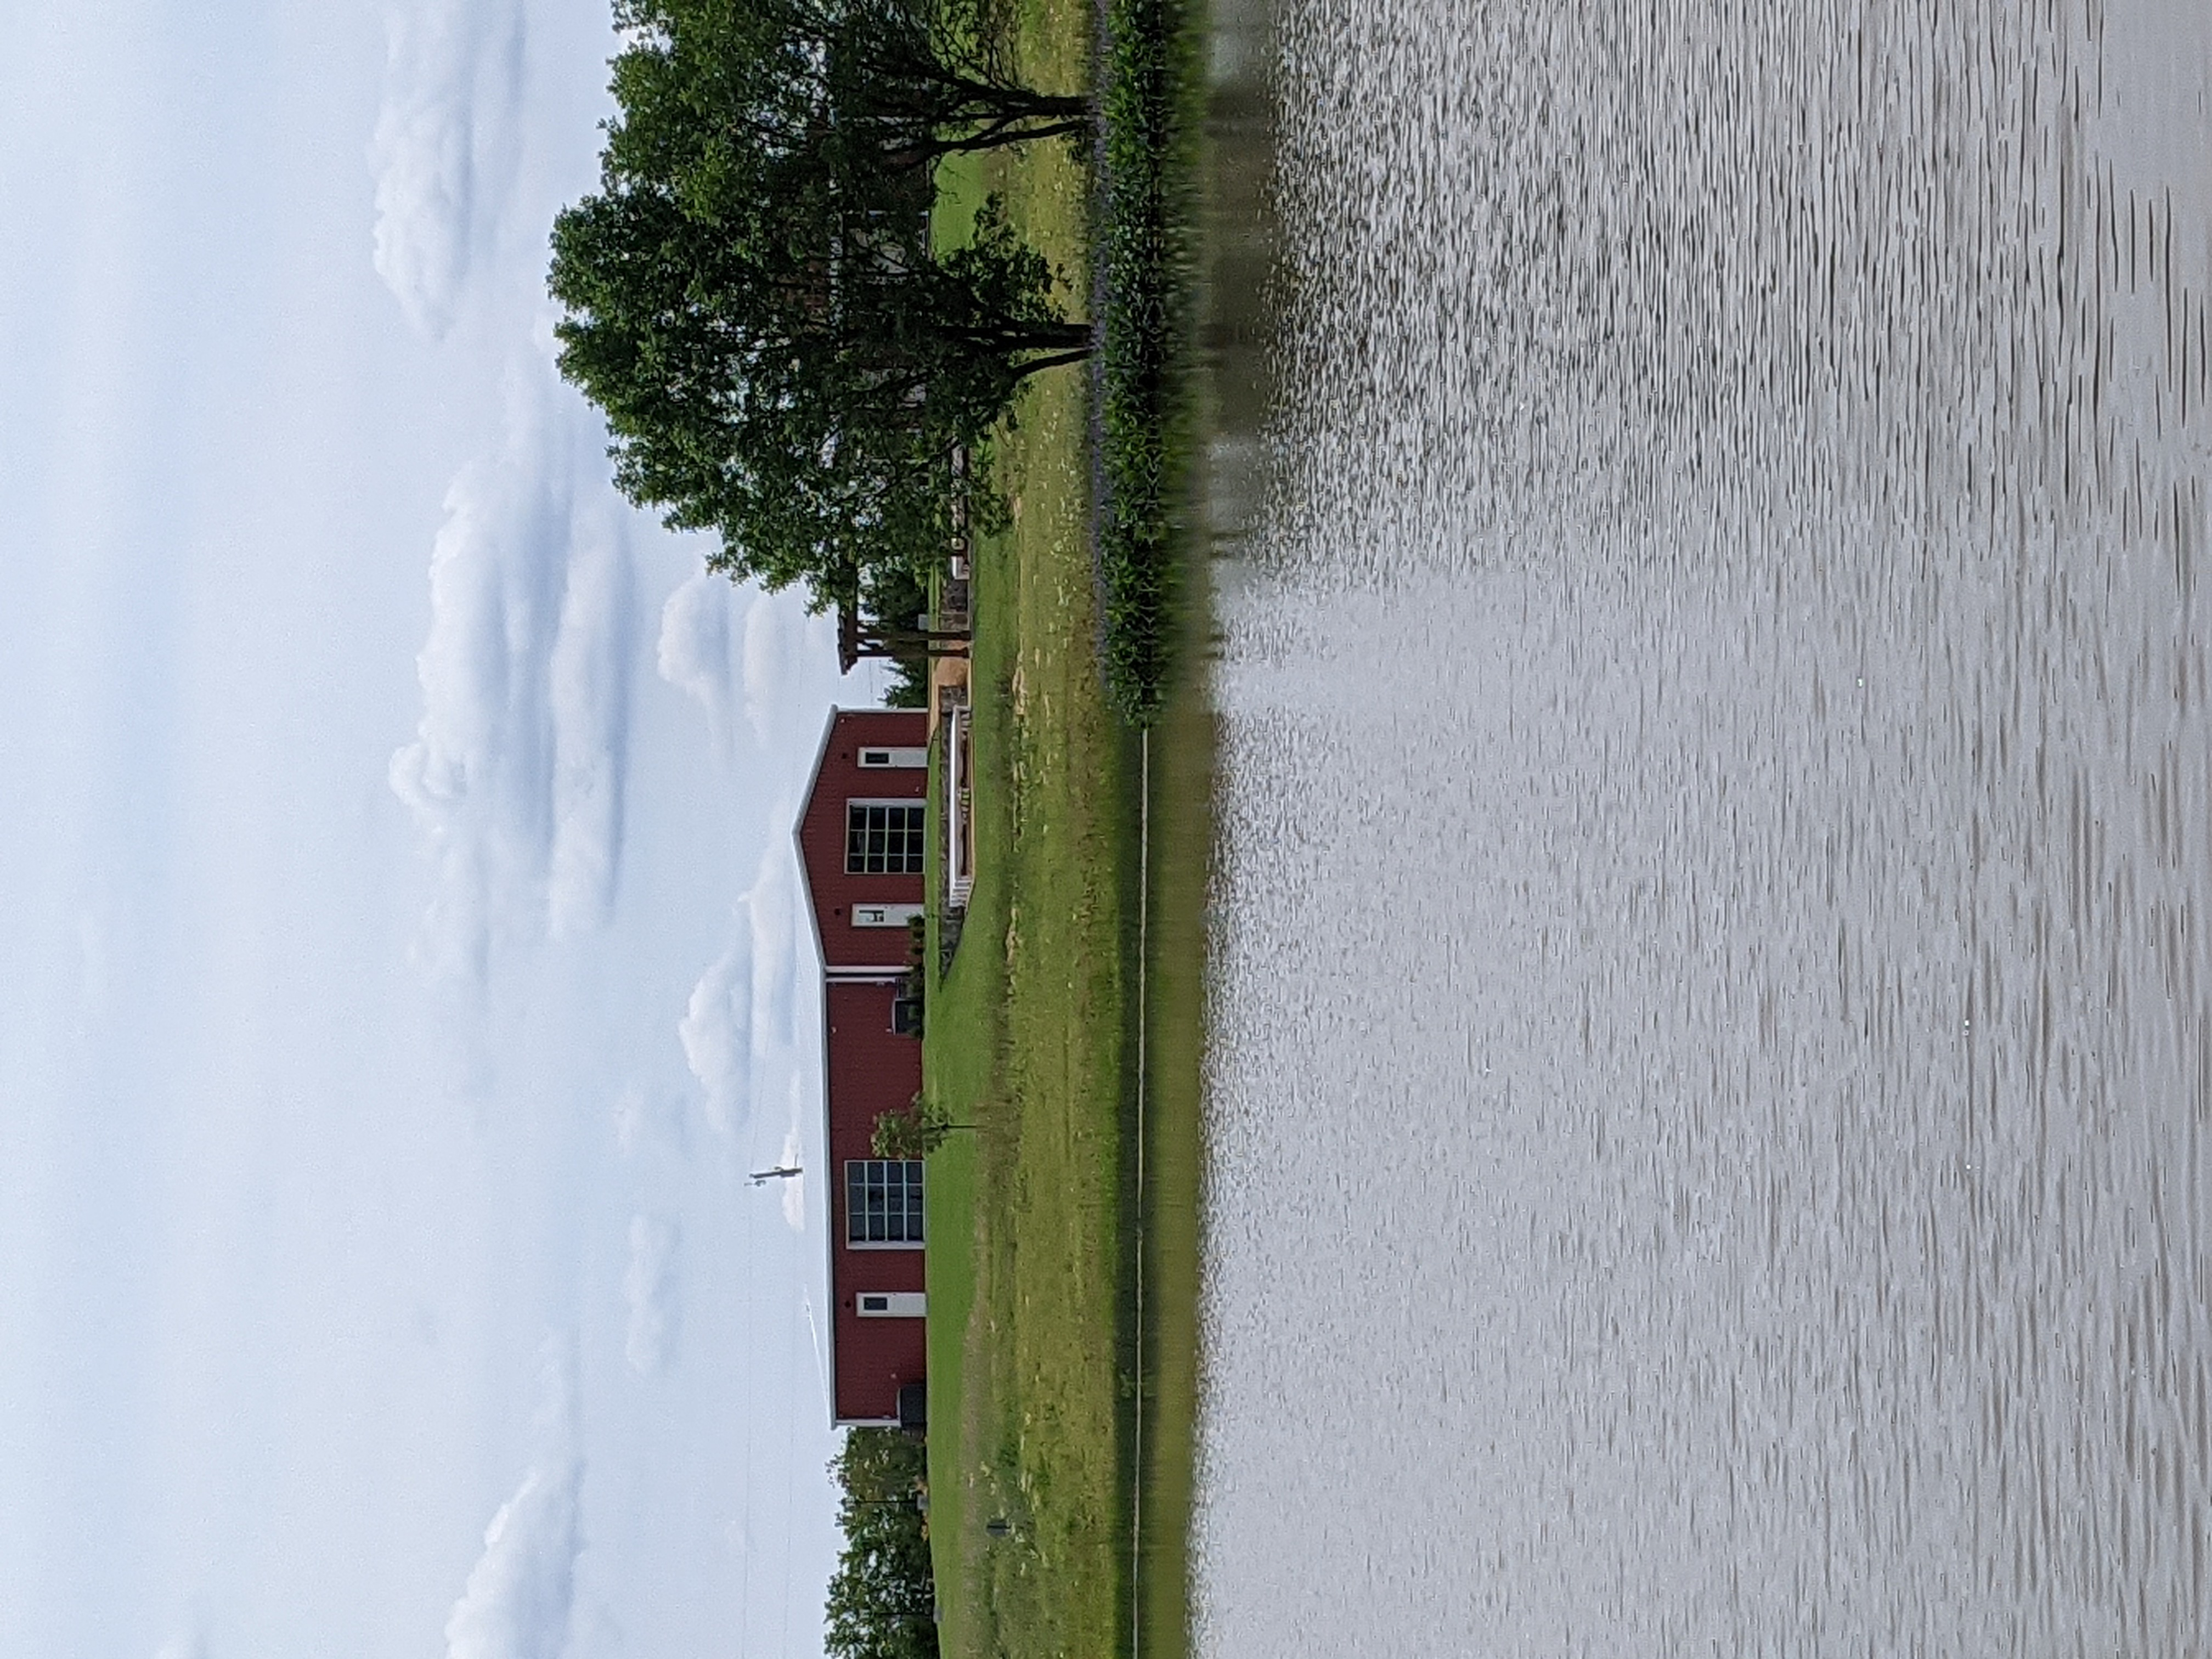 https://0201.nccdn.net/1_2/000/000/10c/c10/gazebo-view-pond.jpg